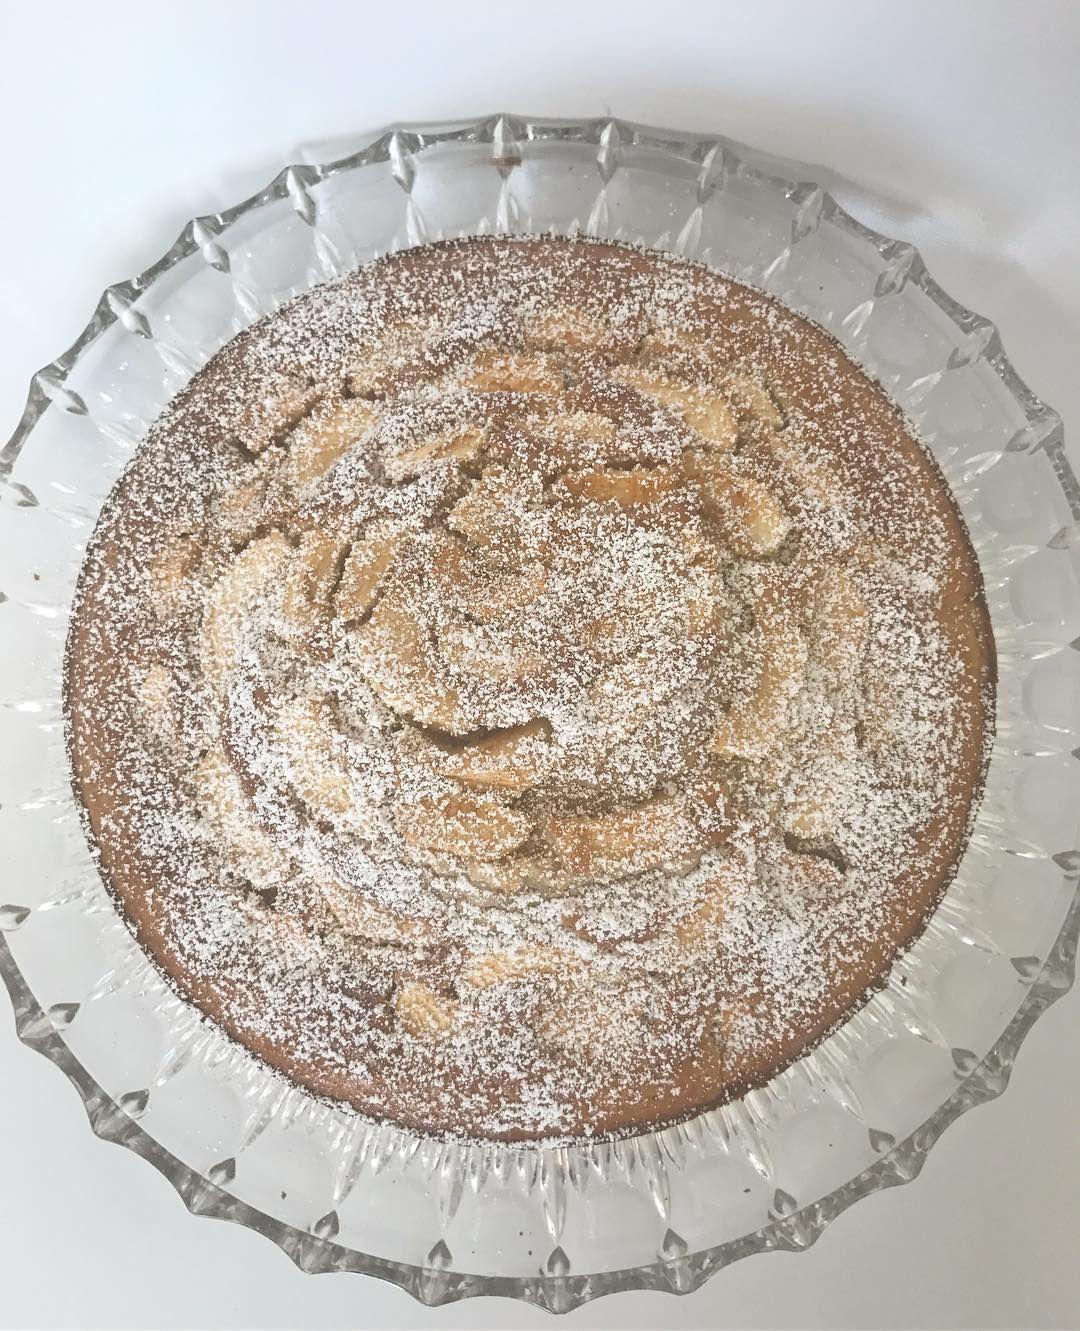 Wir freuen uns nun auf den ersten Kuchen mit eigenen Äpfeln  es waren nur wenge am Bäumchen  #Apfelkuchen #herbst #sonntag #apple #pie #apple #fall #autumn #sunday #hmm #gemütlich #familytime #hyggelig #lecker #yummie #iphone7 #white #baking #backen #potd #instadaily